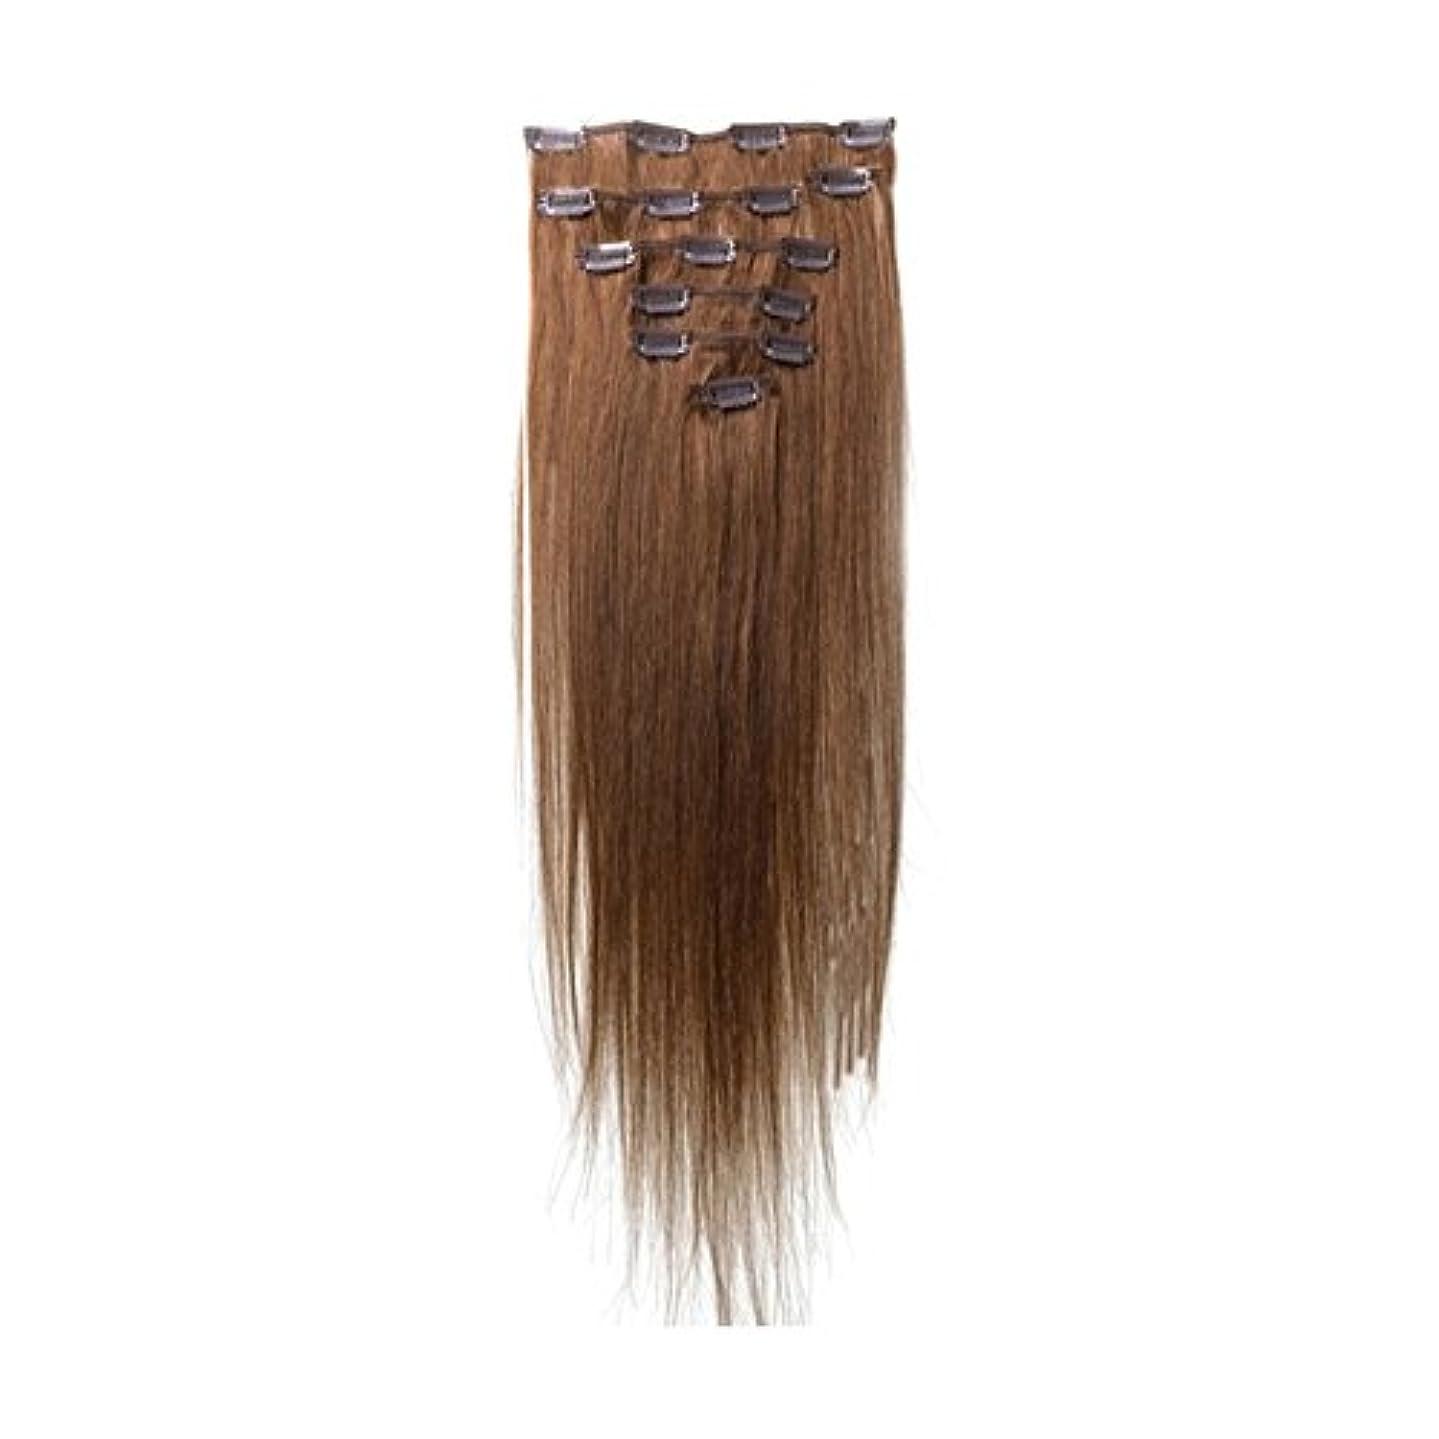 解決するヒット強盗ヘアエクステンション,SODIAL(R) 女性の人間の髪 クリップインヘアエクステンション 7件 70g 15インチ ライトブラウン